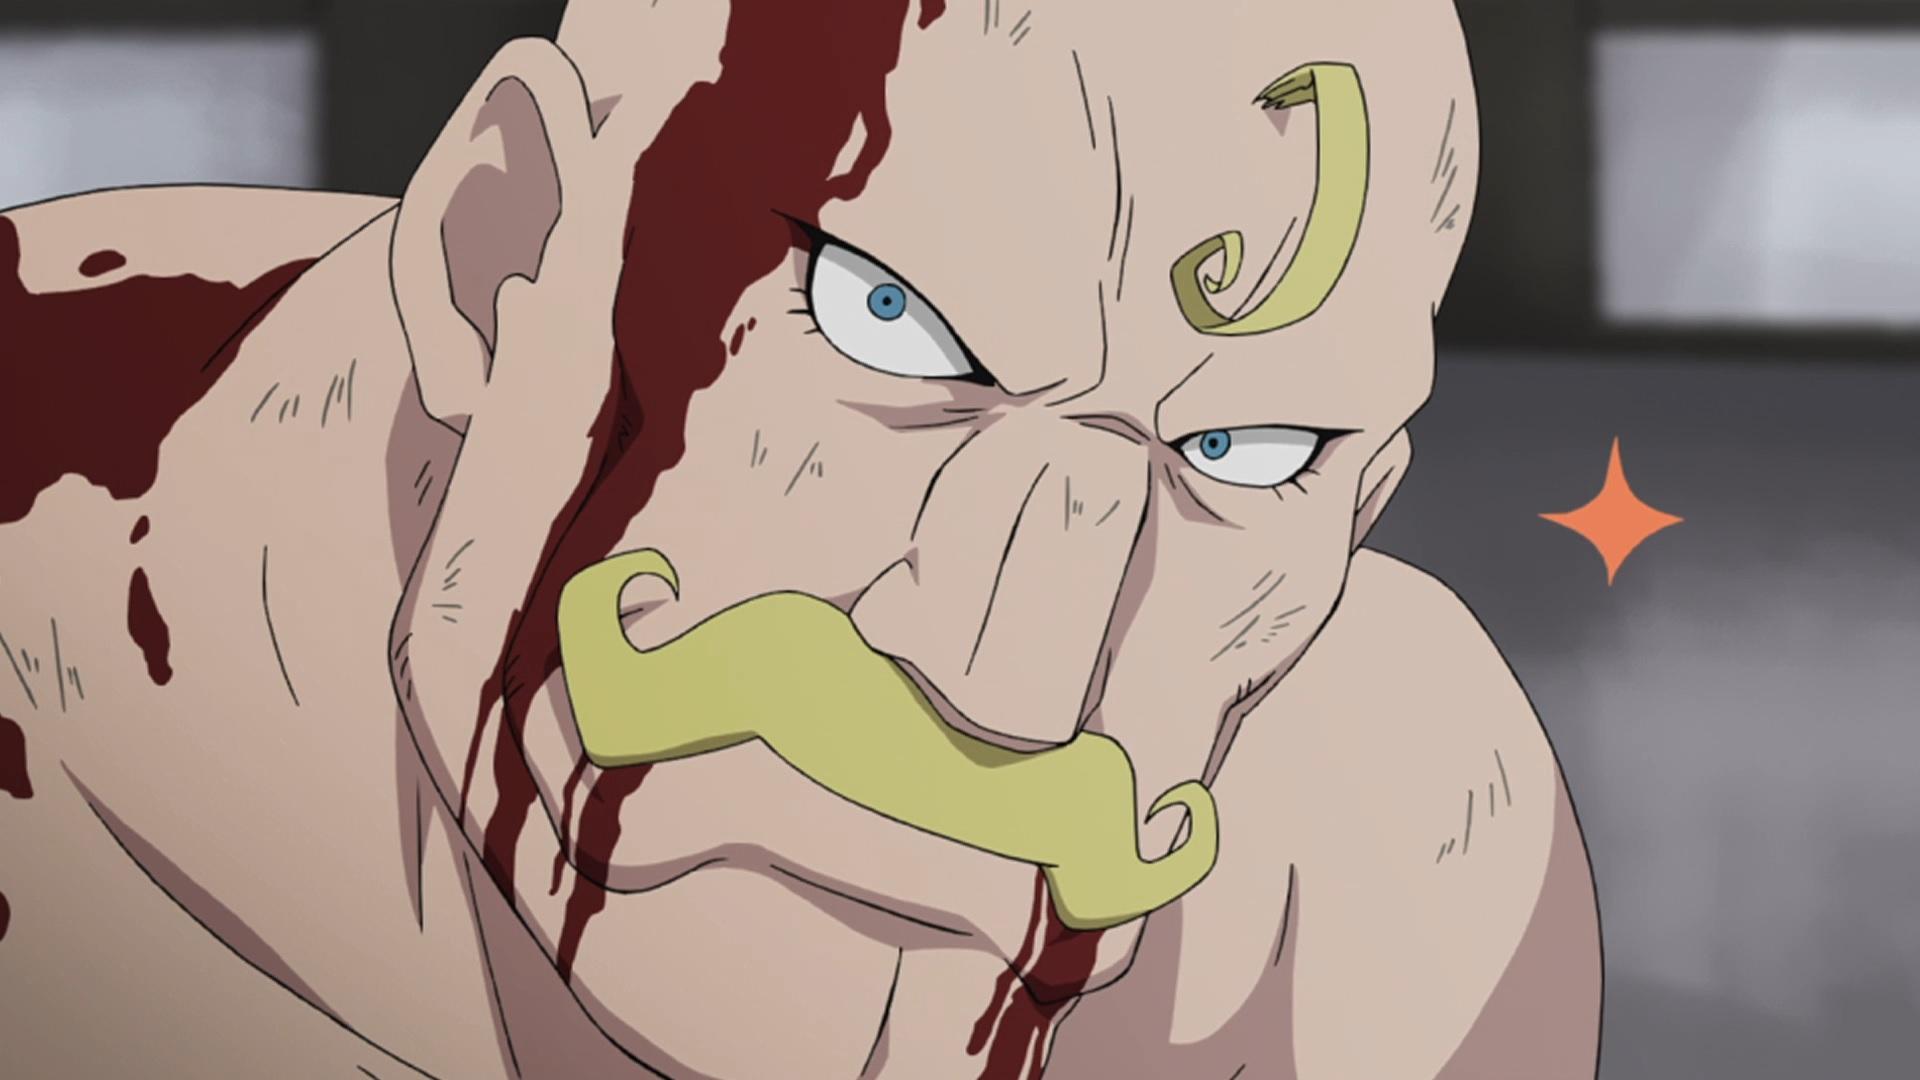 Aunque maltratado y ensangrentado, Alex Louis Armstrong fija su rostro con una sonrisa de determinación sombría y brillante en una escena del anime de televisión Fullmetal Alchemist.